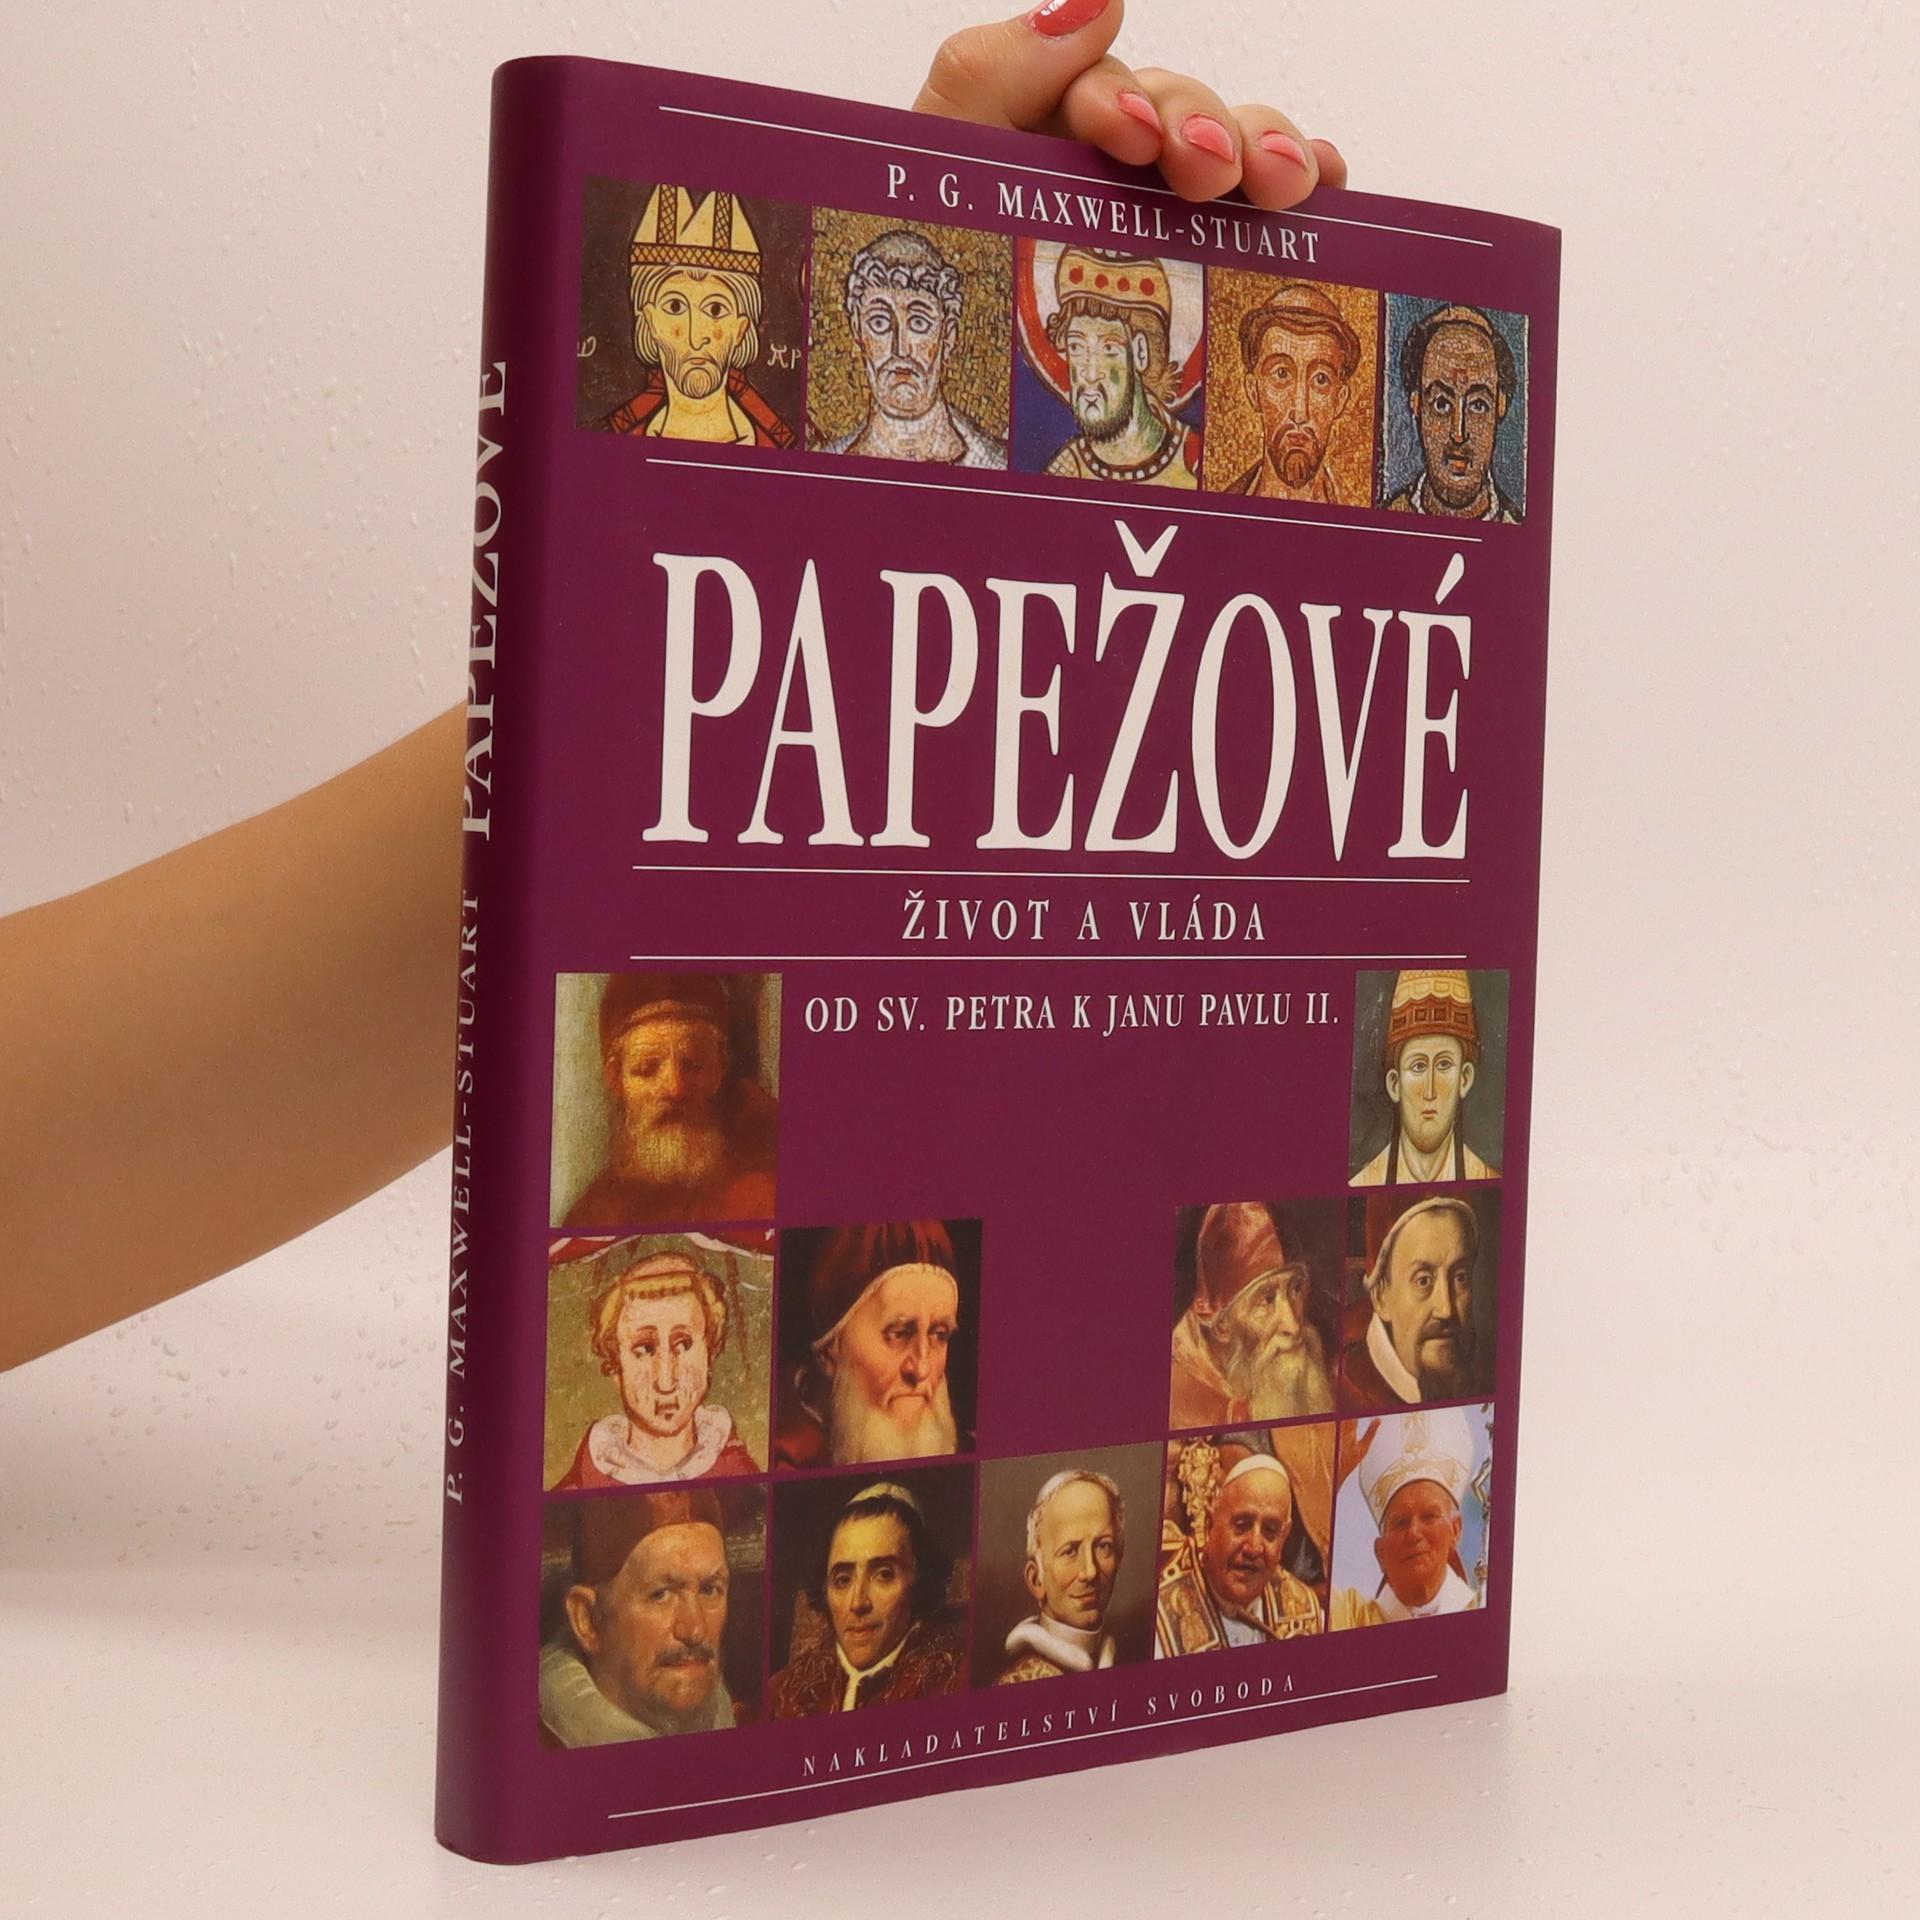 antikvární kniha Papežové : Život a vláda, 1998